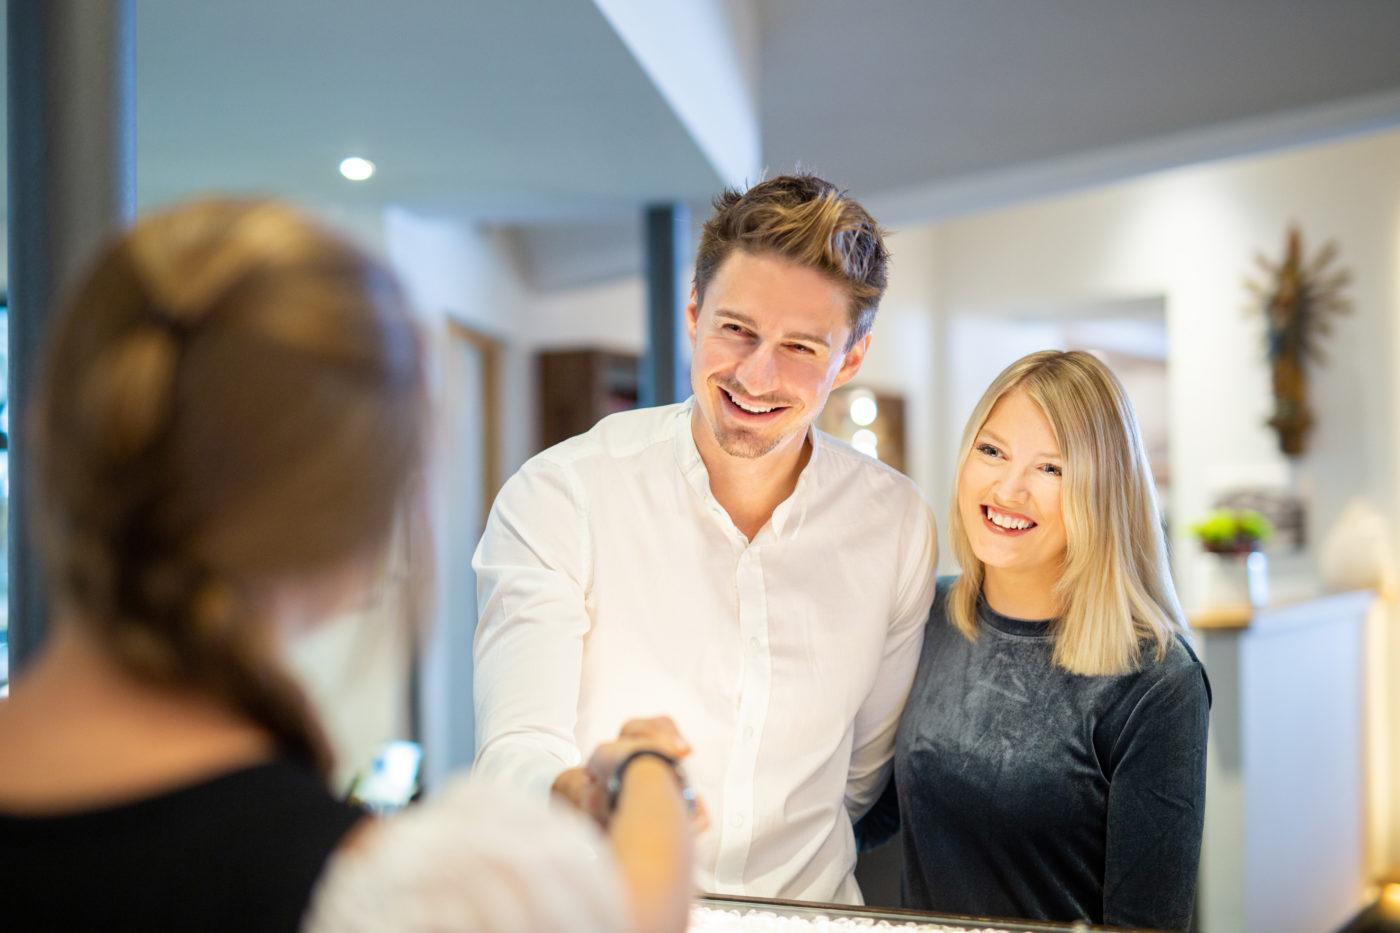 Gästebindung: Begrüßung an der Rezeption von Stammgästen © Gastfreund GmbH